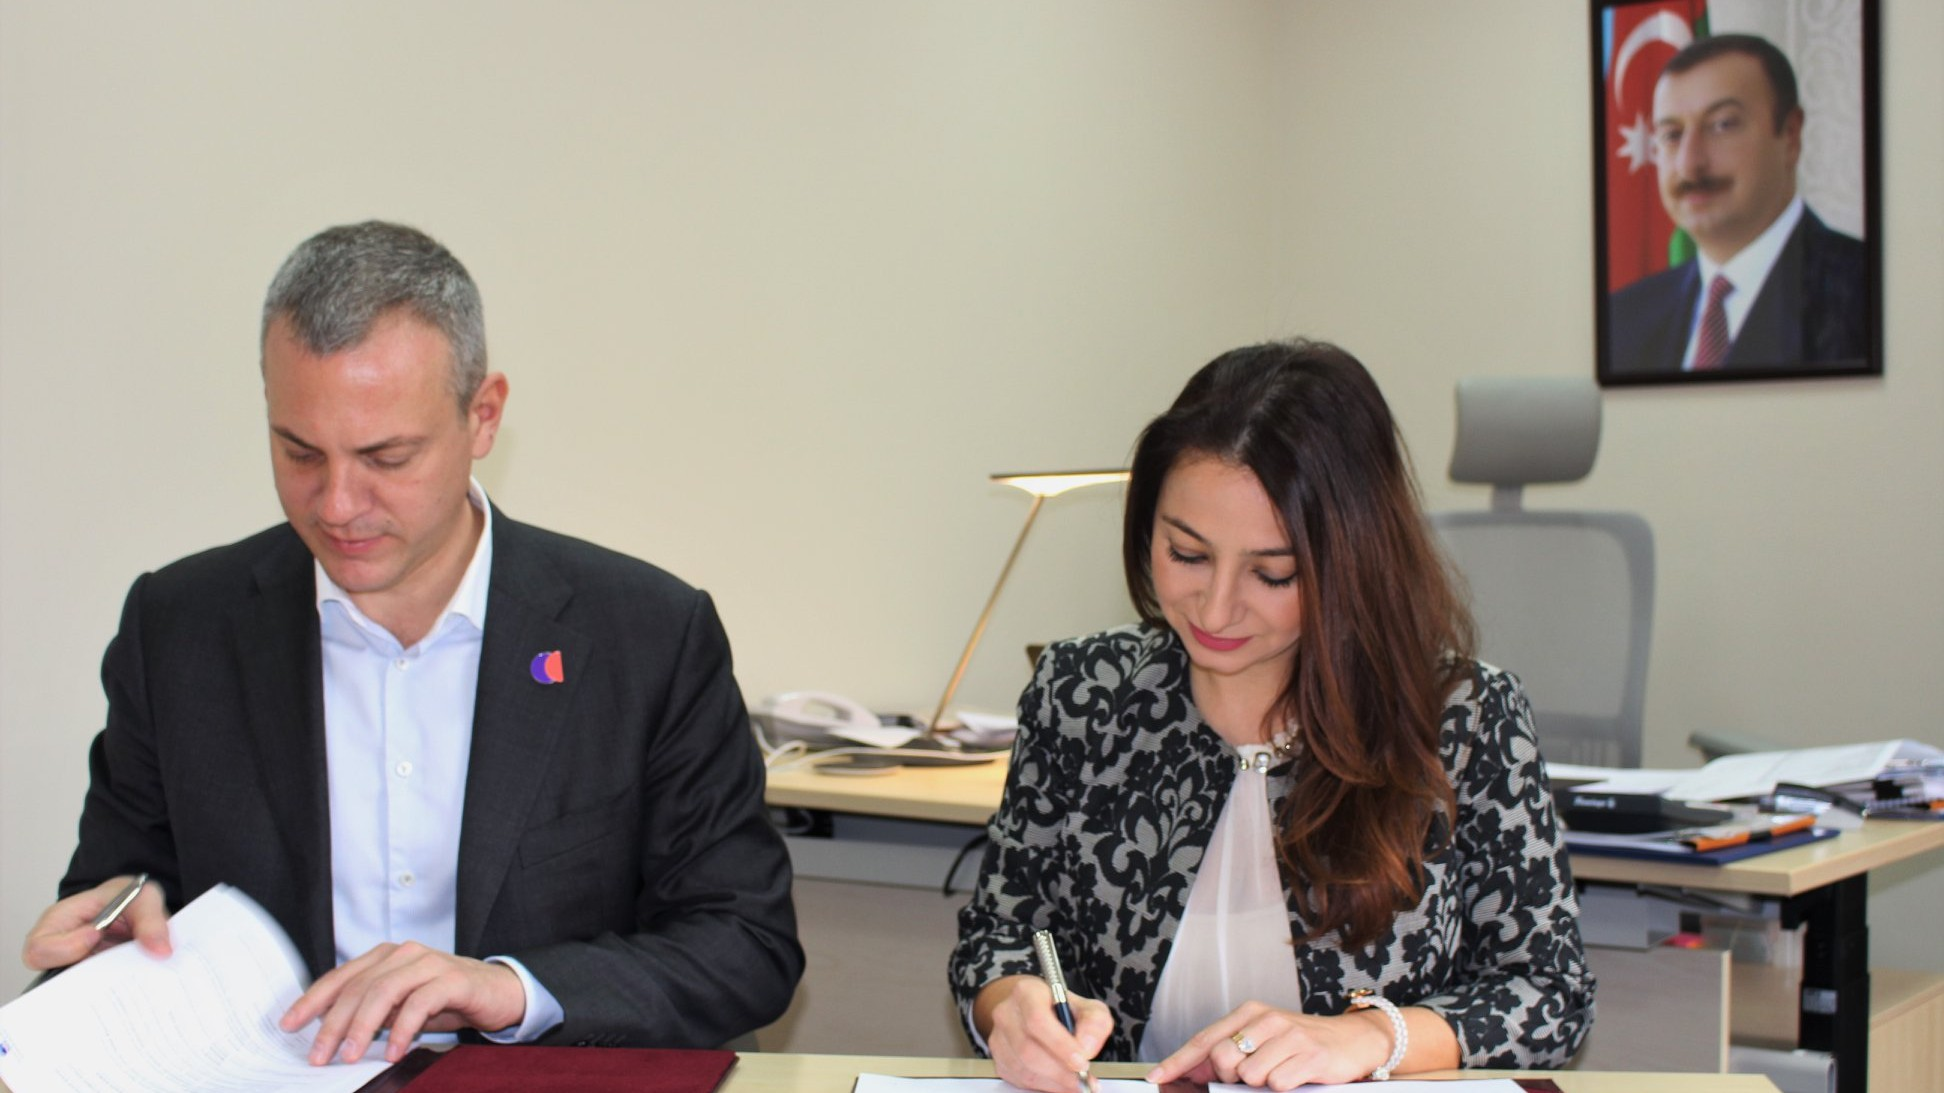 Azərbaycan Turizm Bürosu və Azərbaycan Hotellər Assosiasiyası arasında anlaşma memorandumu imzalanıb